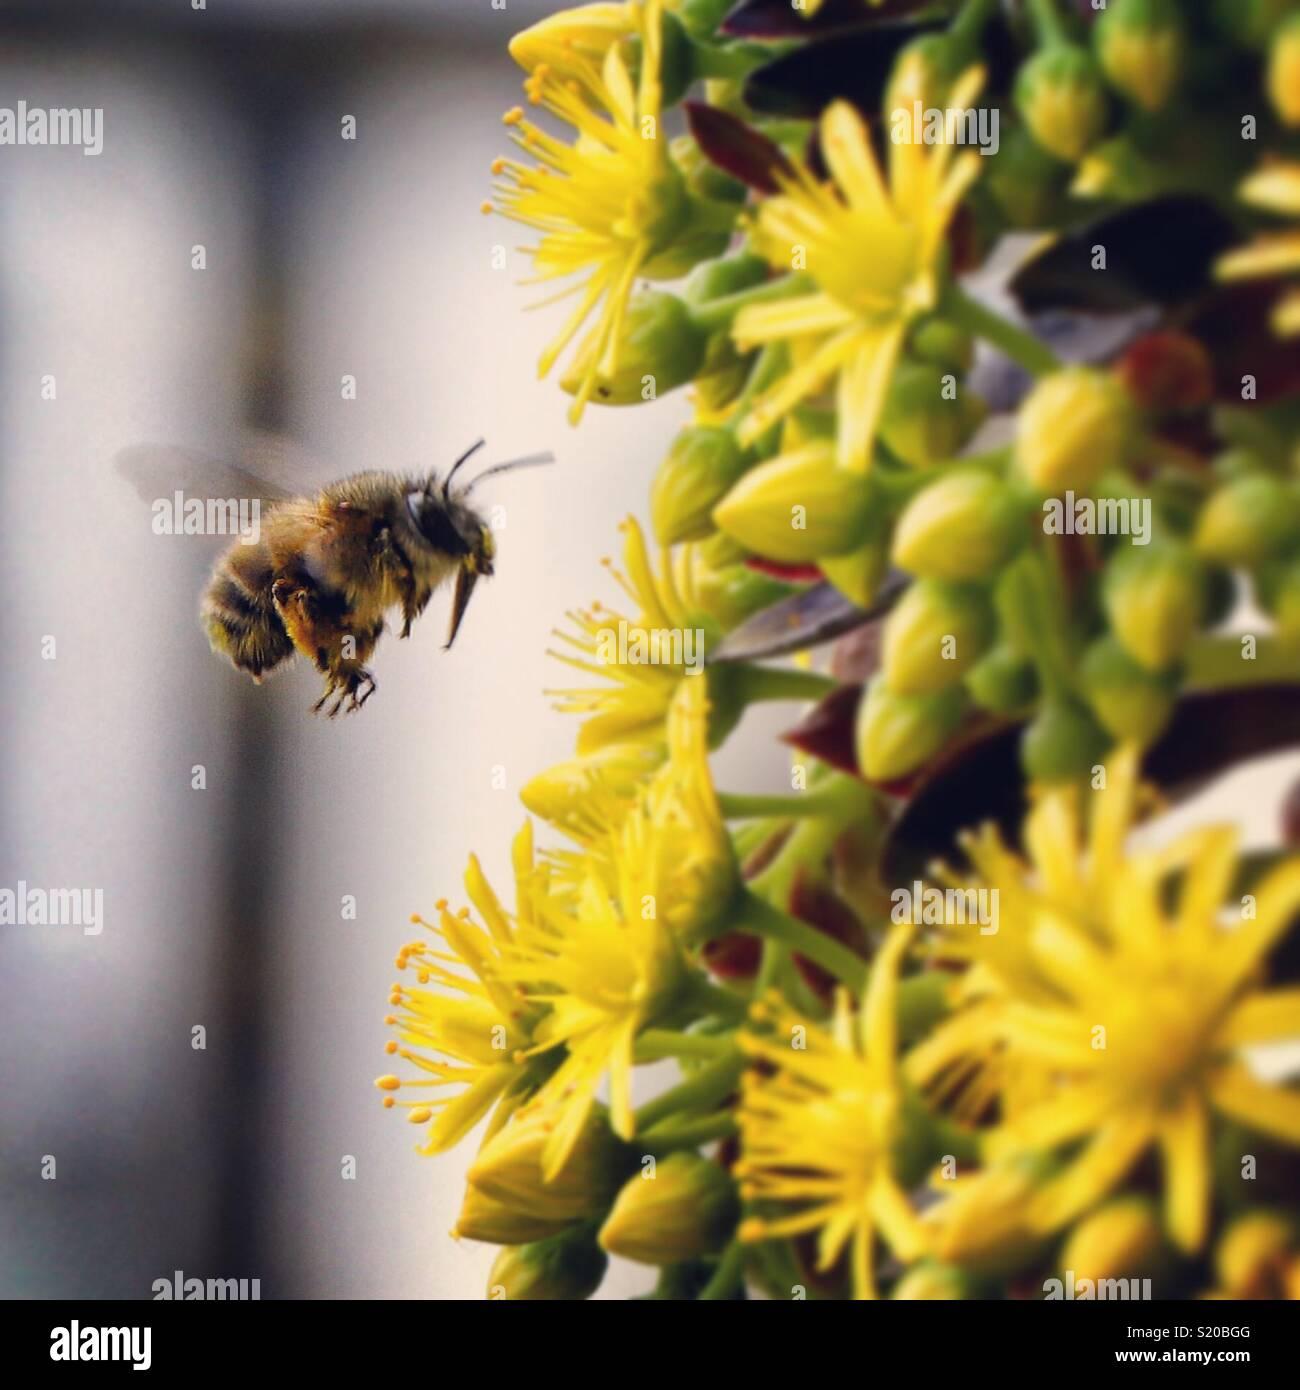 Près d'une abeille pollinisant fleur jaune Photo Stock